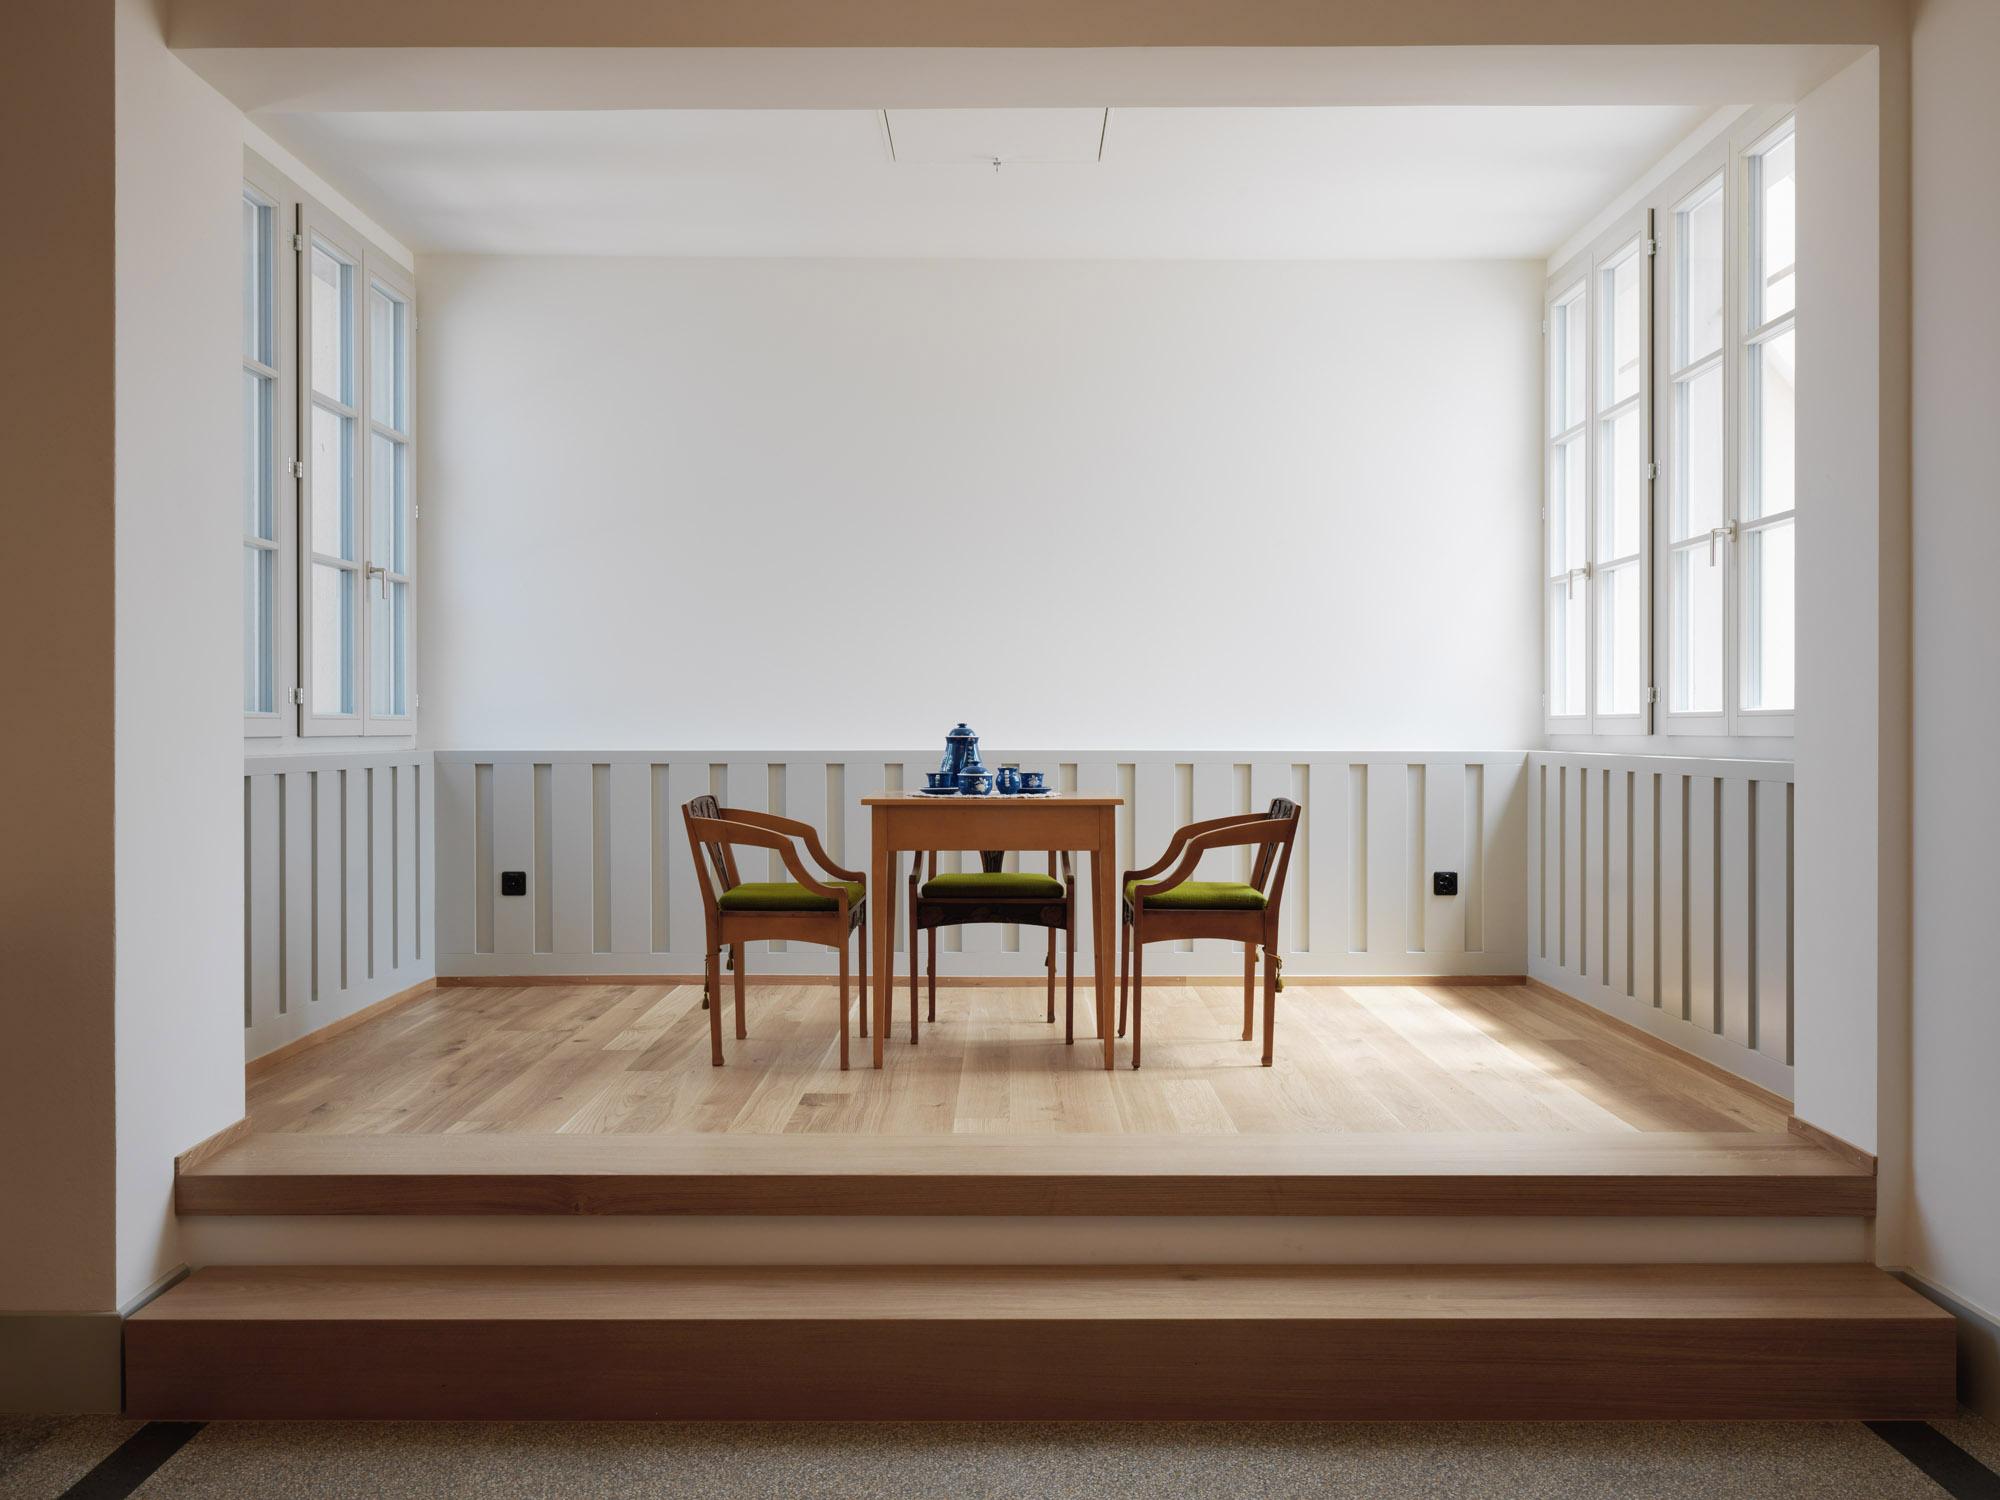 INSTITUT STE-CROIX – Photographed for RBCH architectes and Deillon Delley architectes